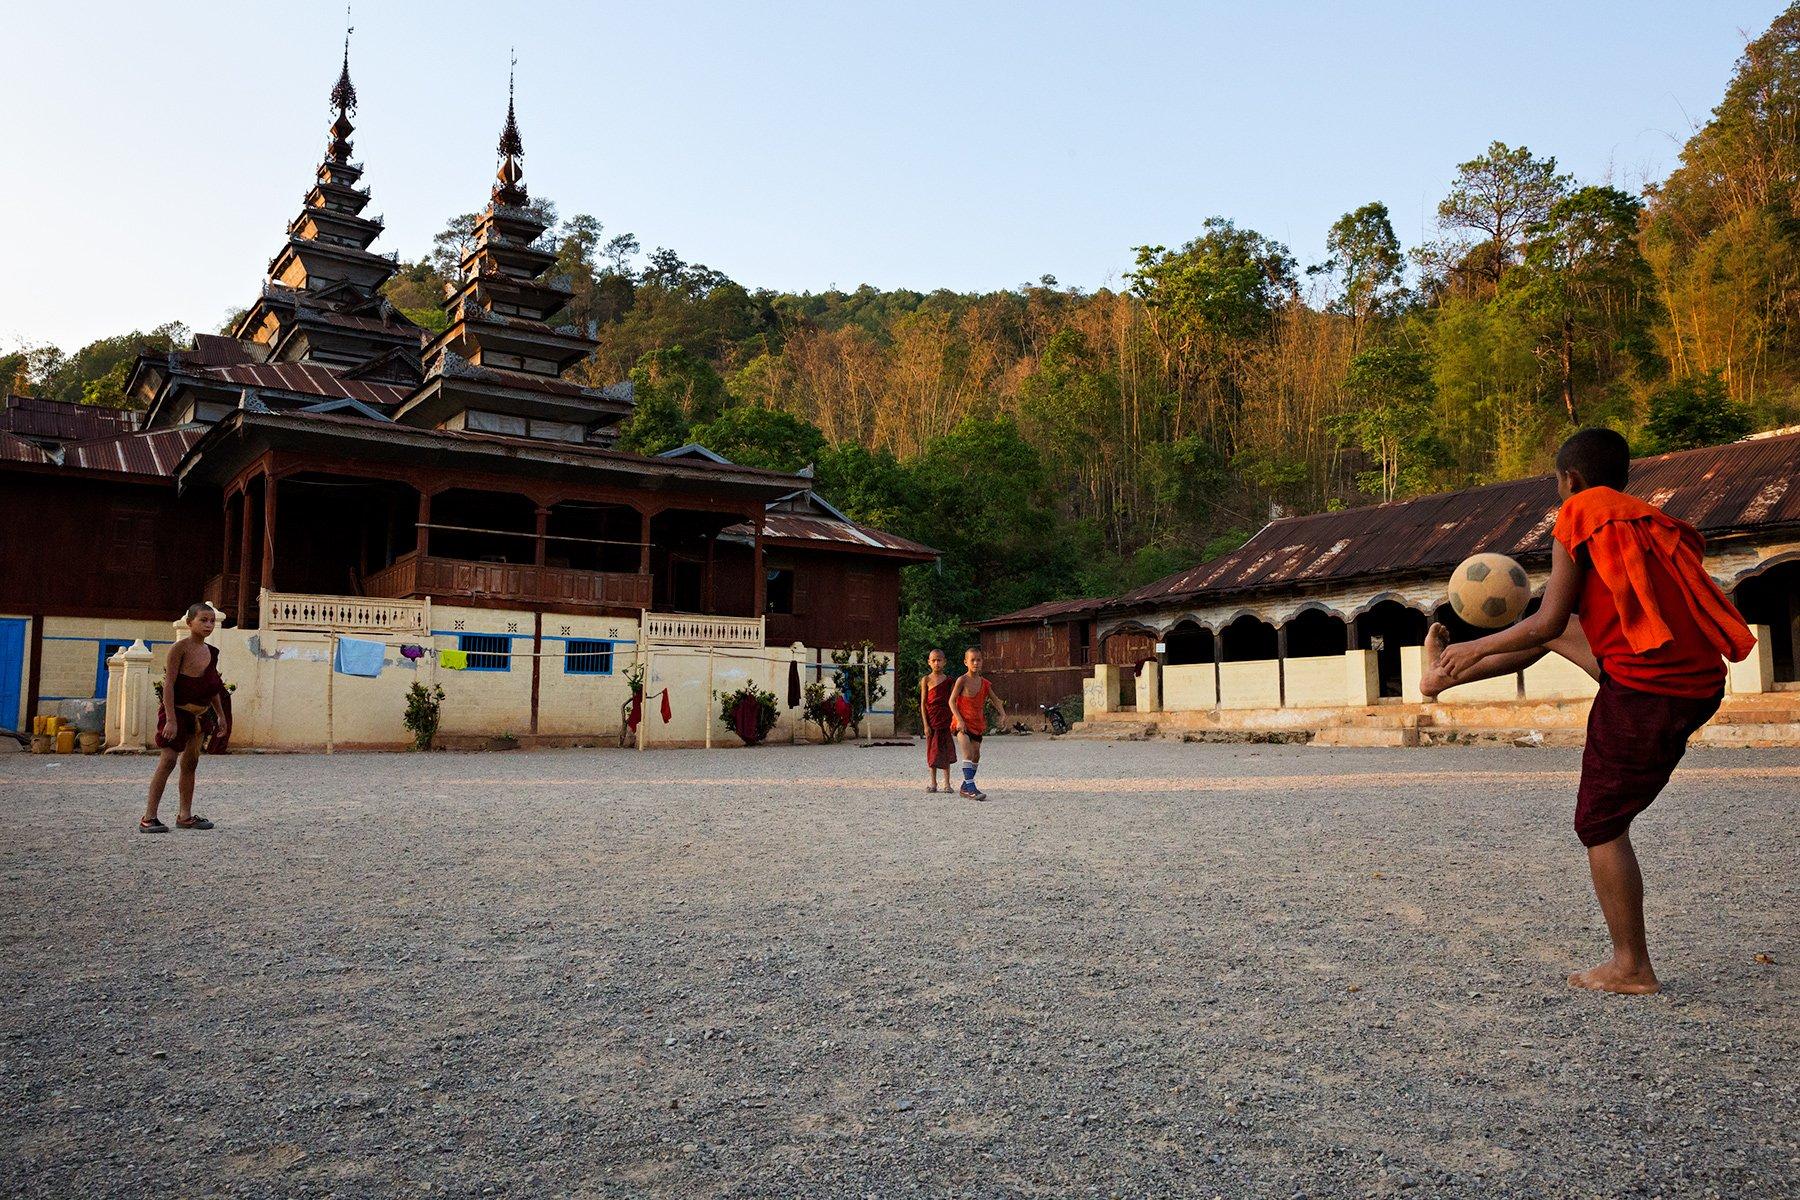 Piccoli monaci che giocano a calcio - Birmania